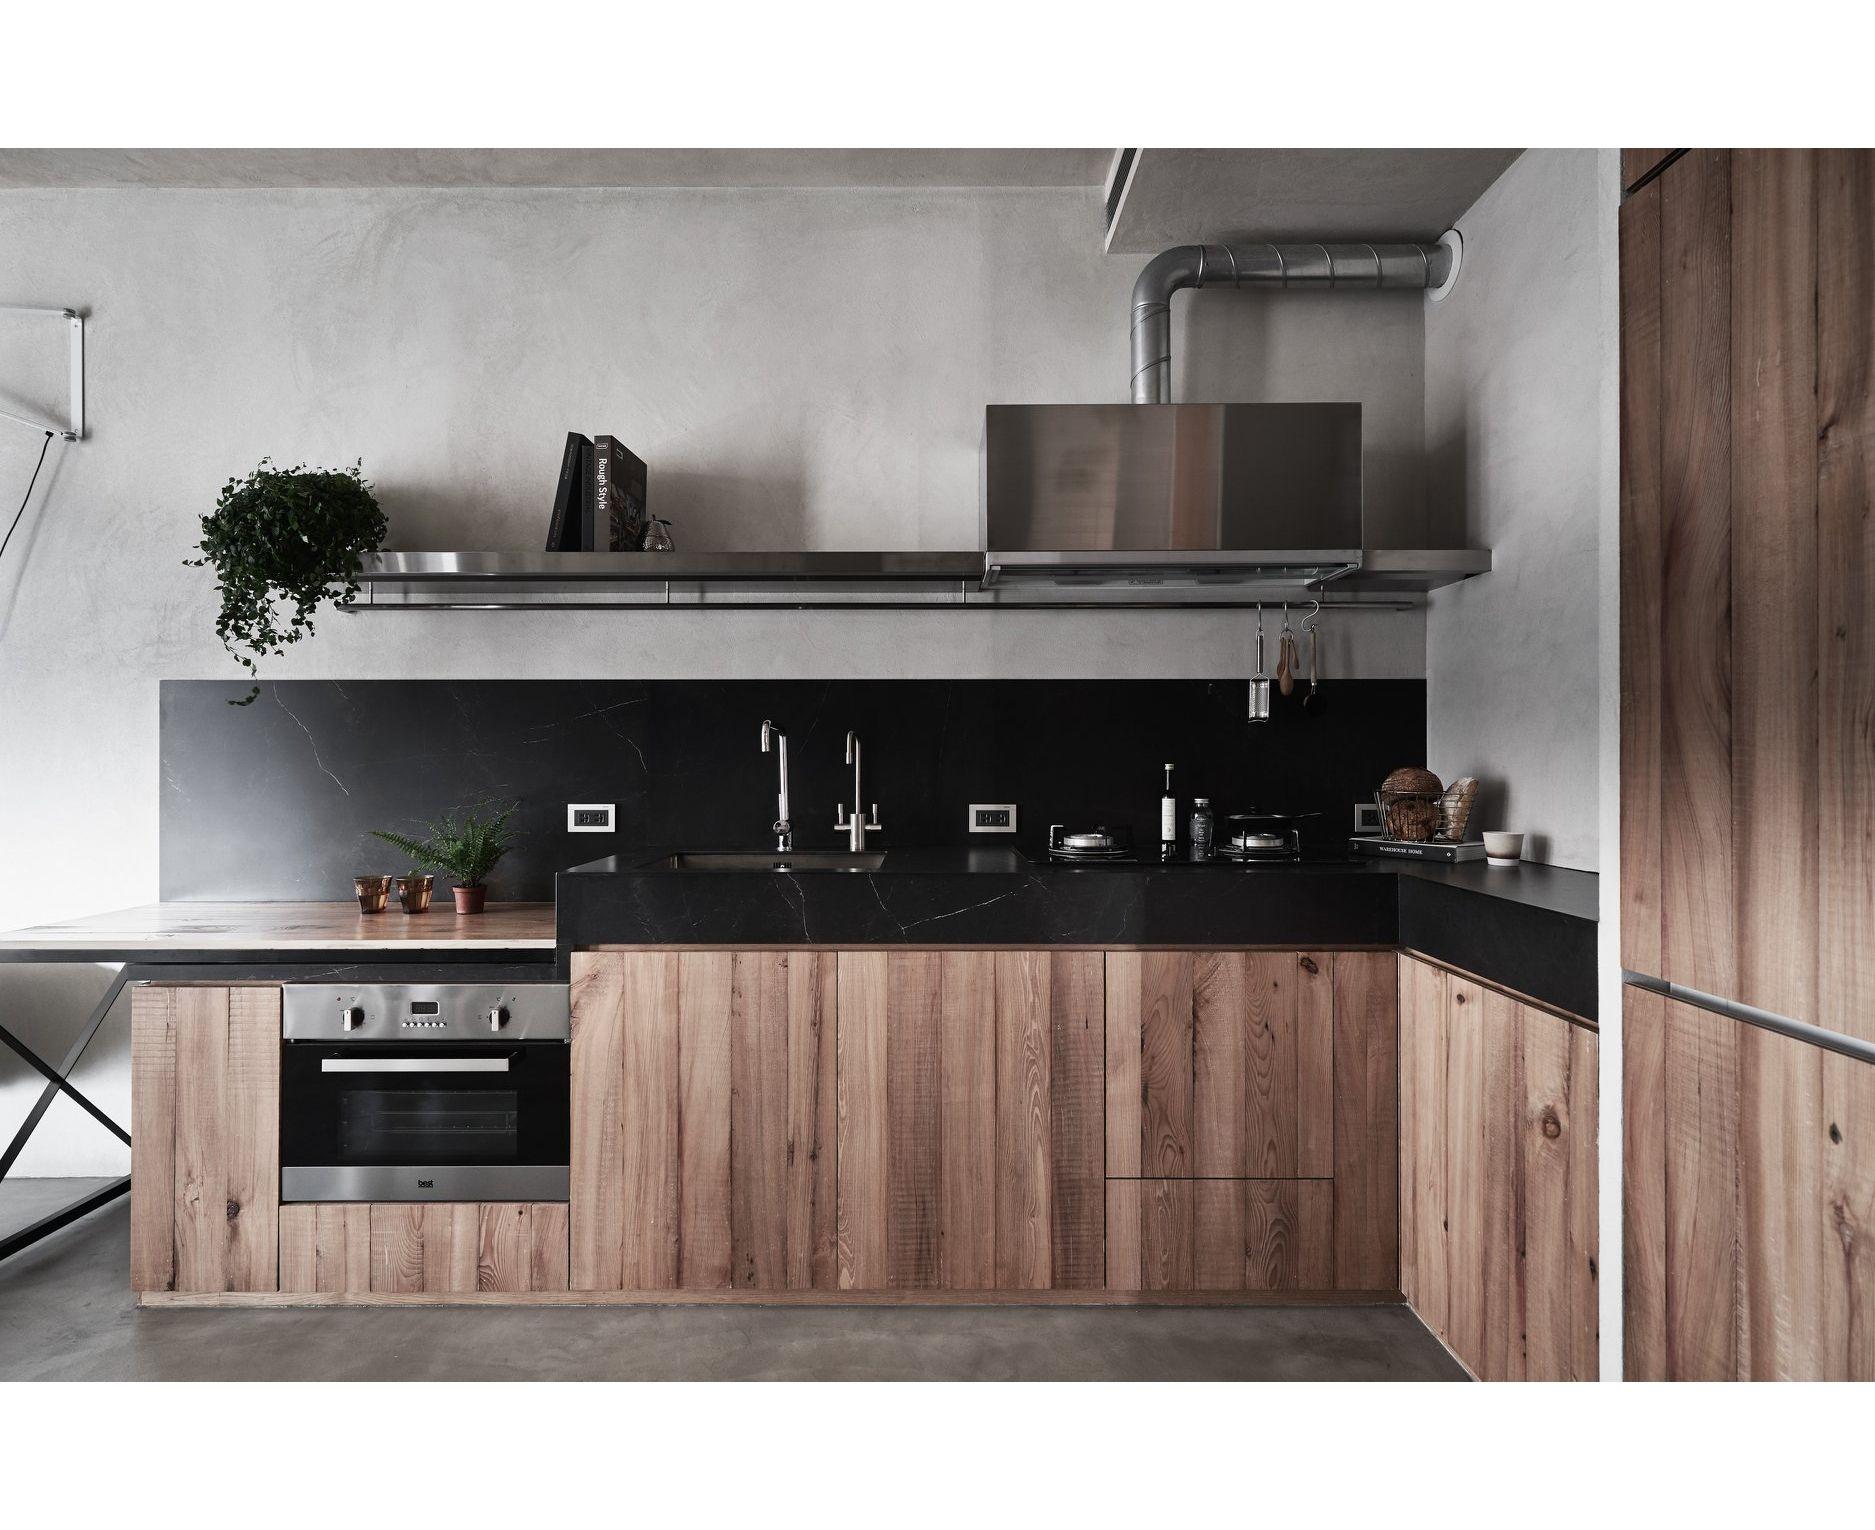 Veener madeira de luxo real de alta qualidade de madeira armário de cozinha personalizado